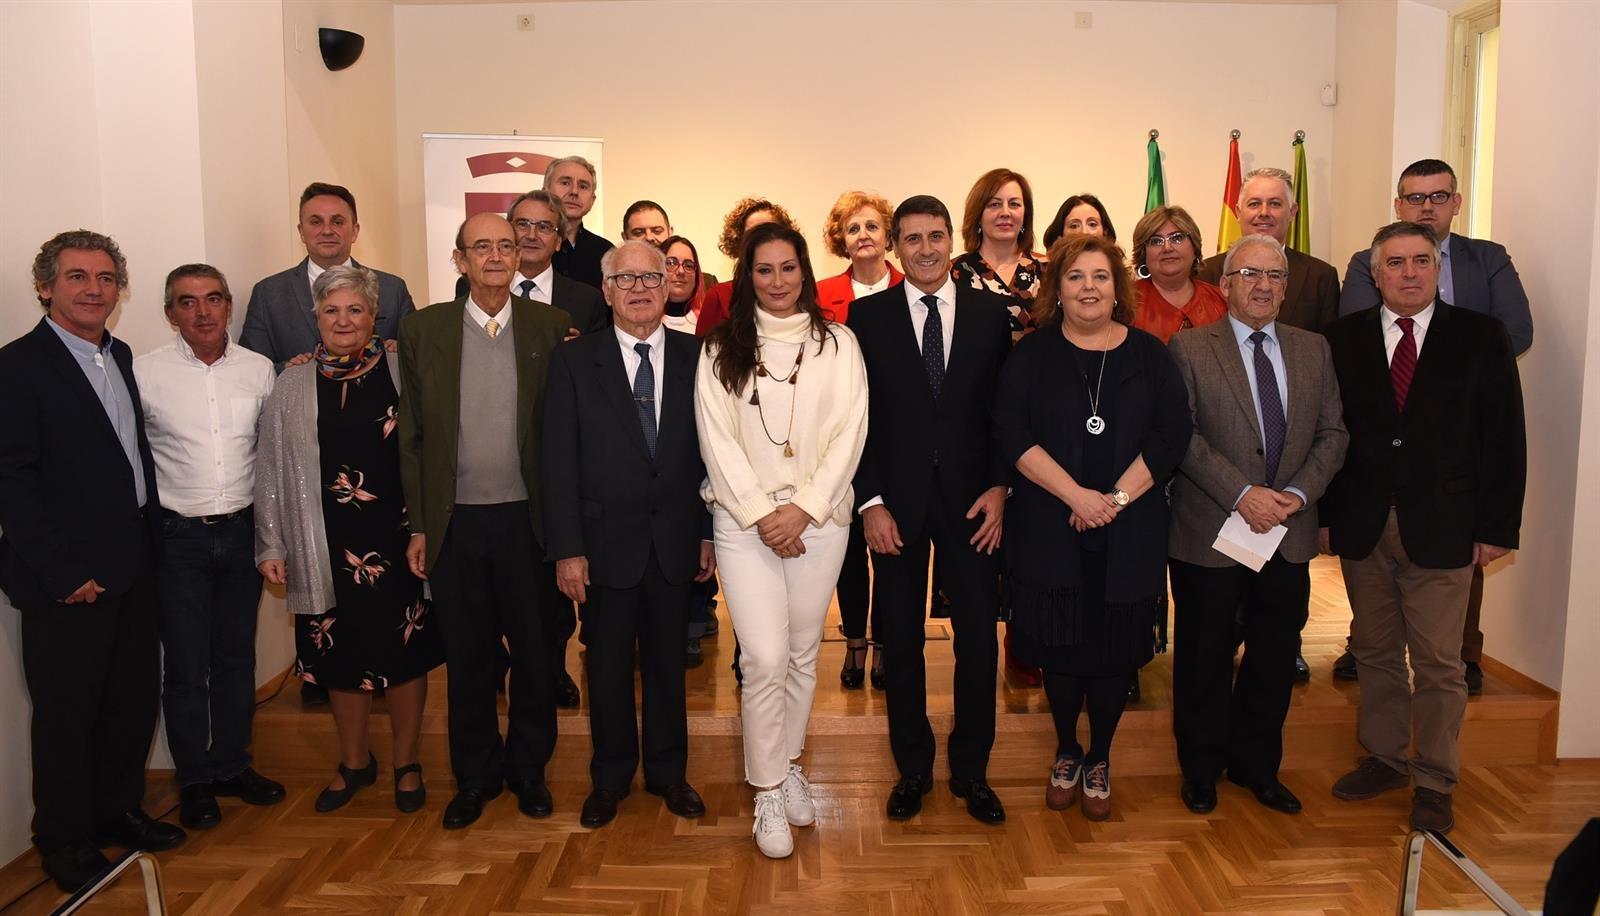 La Diputación reconoce como Hija Predilecta a la cantaora Marina Heredia